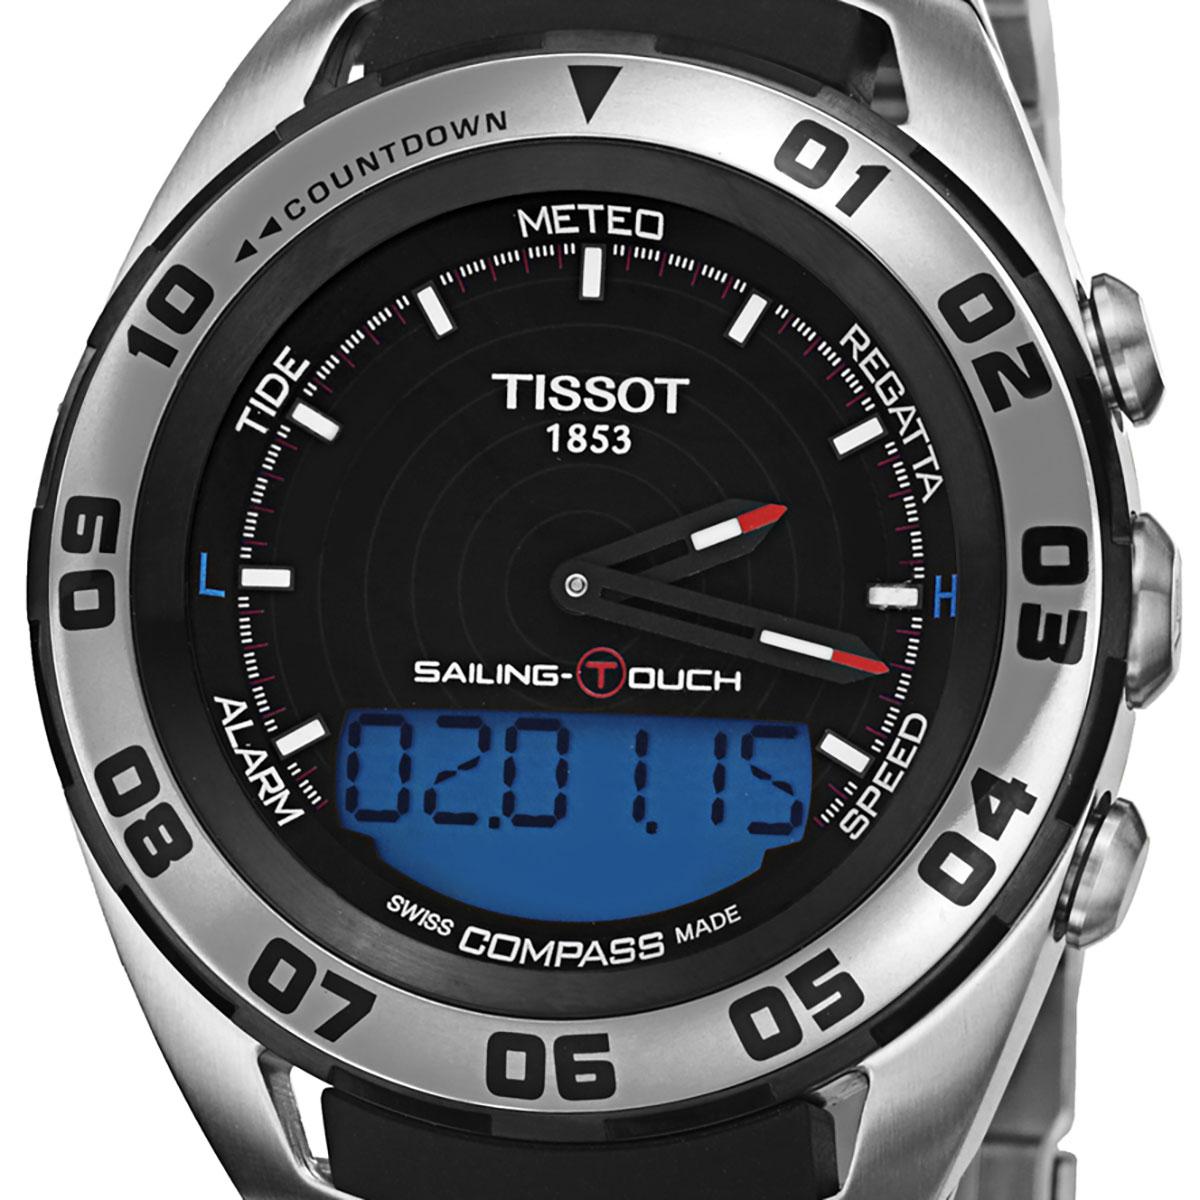 【残り1点】TISSOT ティソ 電池式クォーツ 腕時計 [T056-420-21-051-00] 並行輸入品 ブラック(黒)